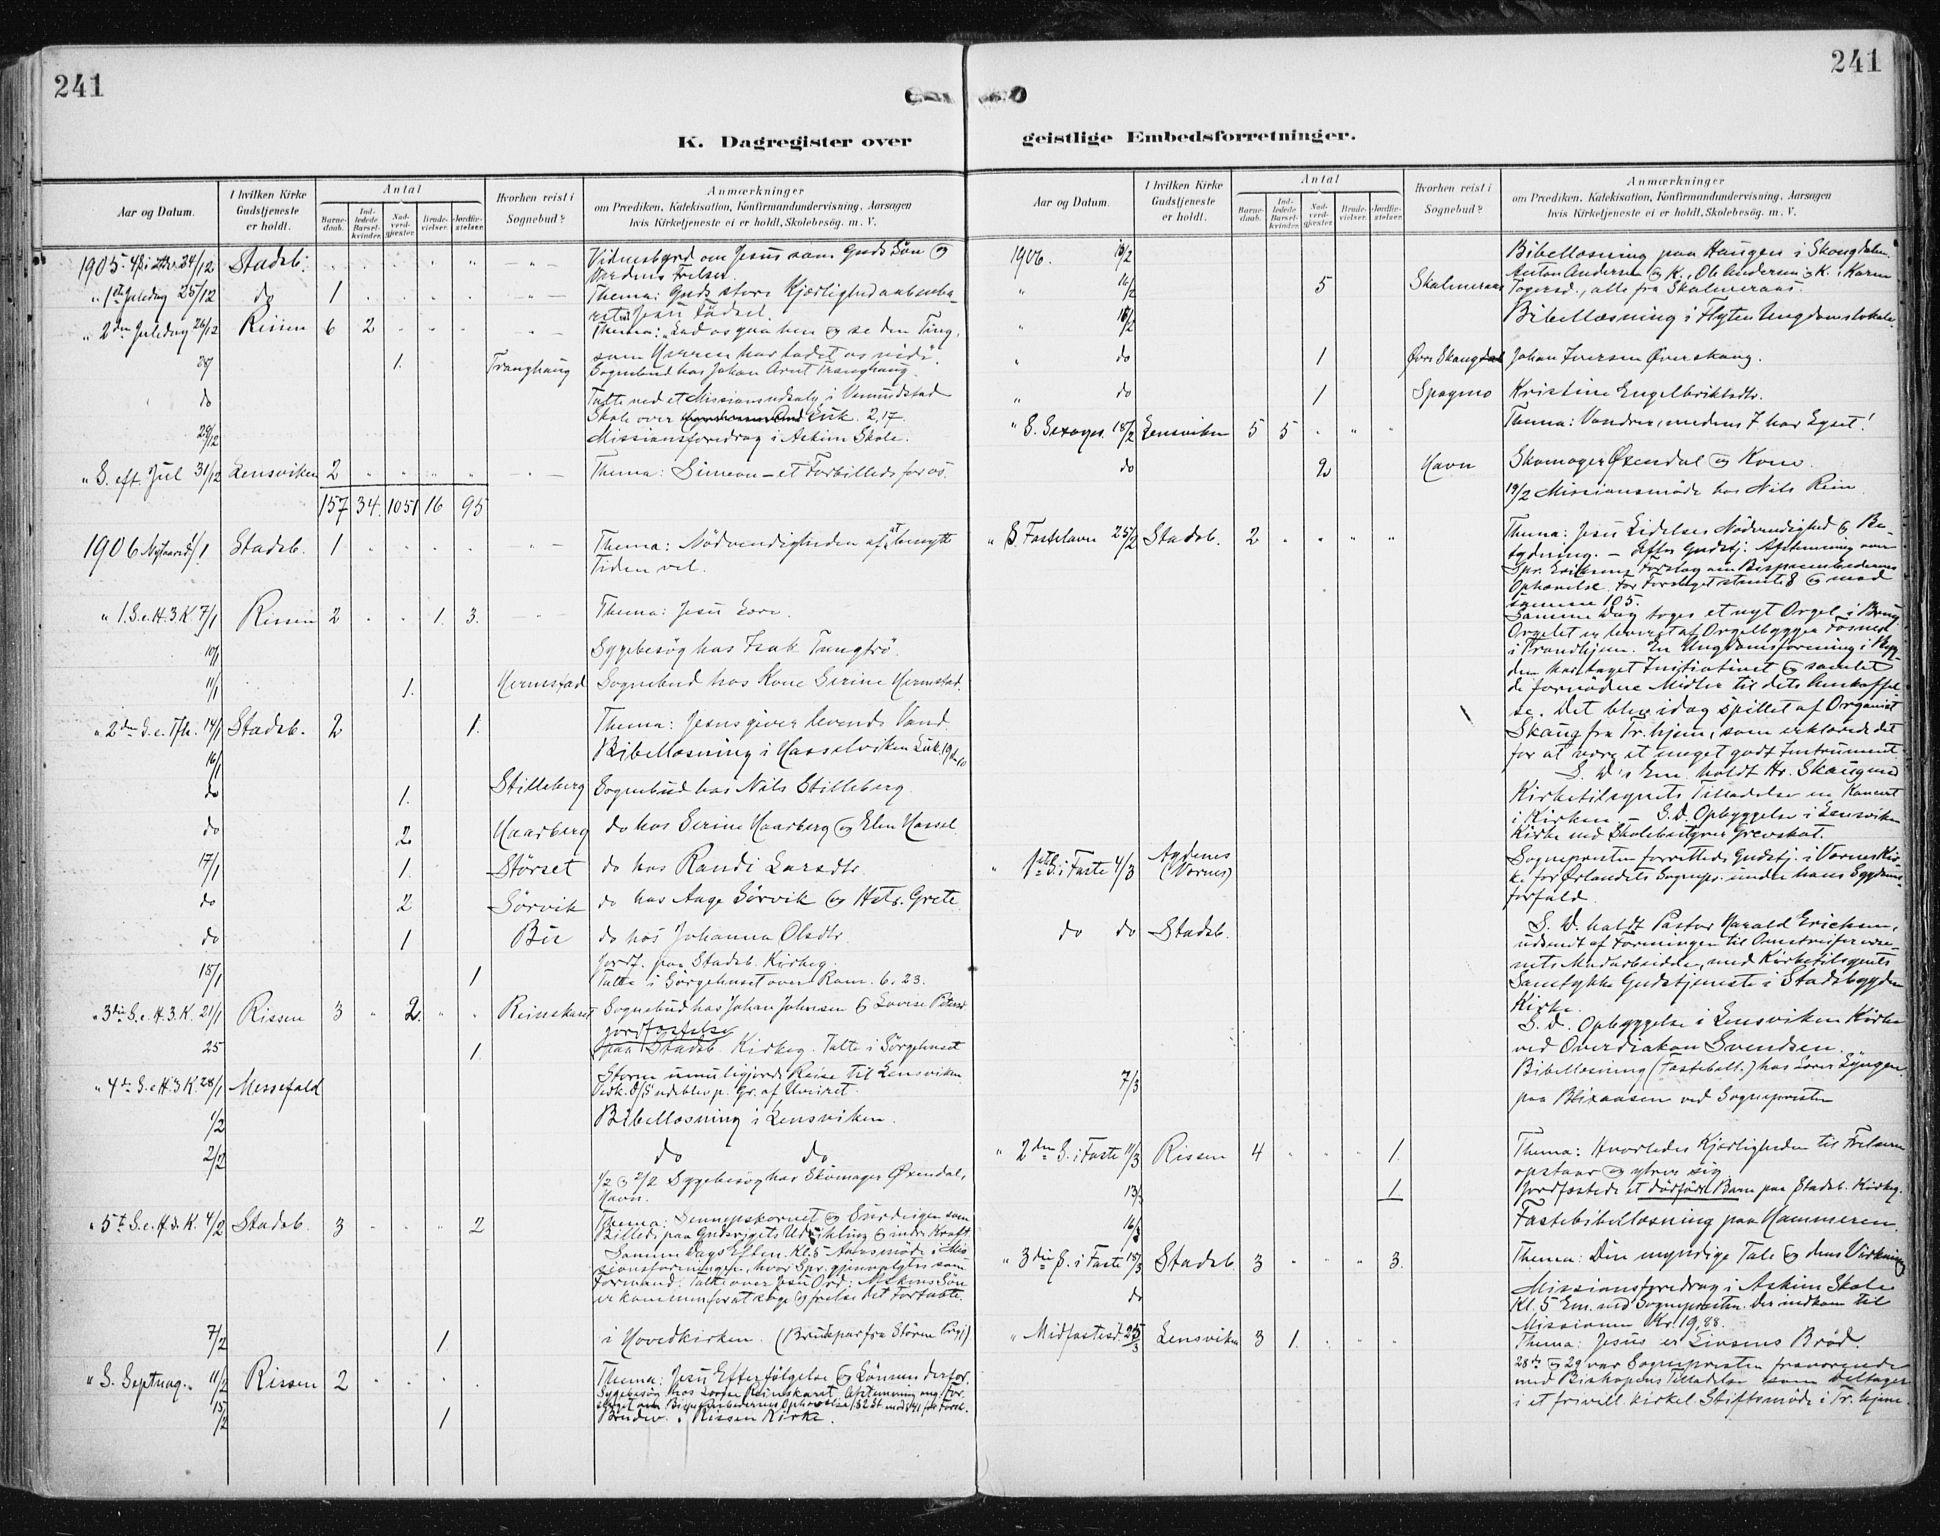 SAT, Ministerialprotokoller, klokkerbøker og fødselsregistre - Sør-Trøndelag, 646/L0616: Ministerialbok nr. 646A14, 1900-1918, s. 241